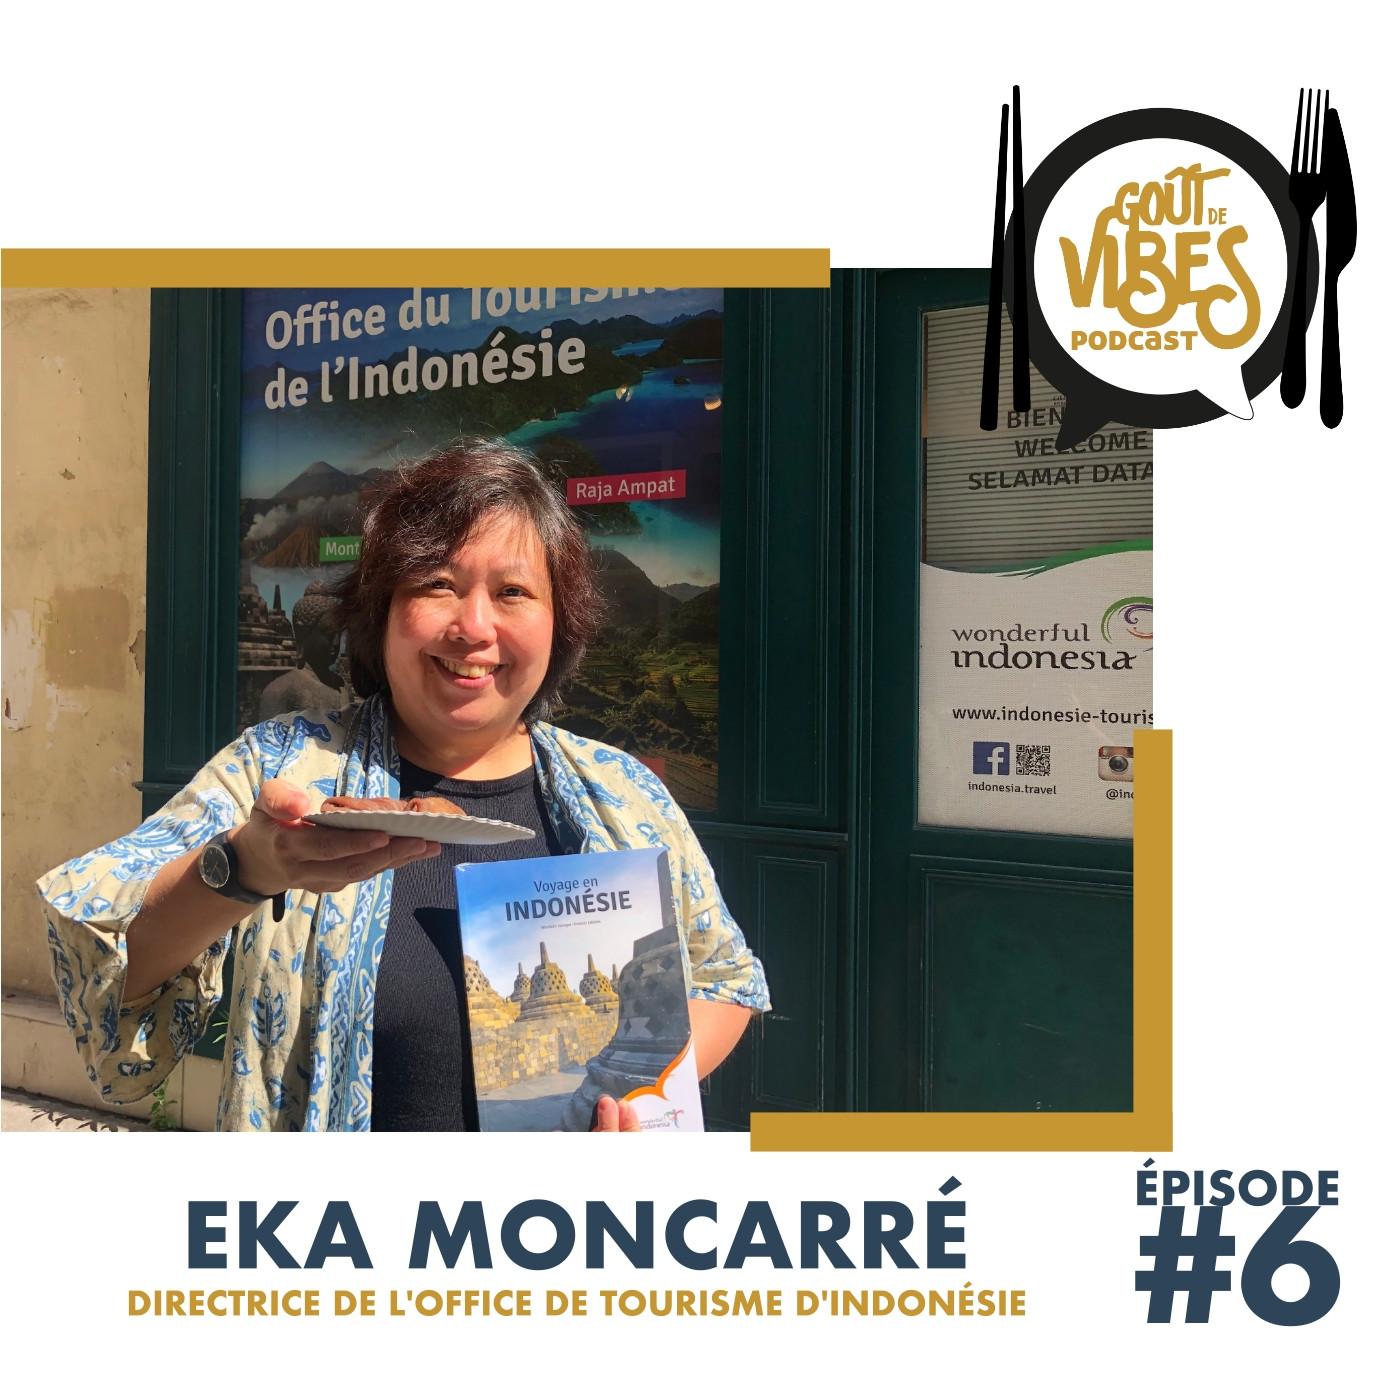 (#6) Eka Moncarré,  directrice de l'office de tourisme d'Indonésie